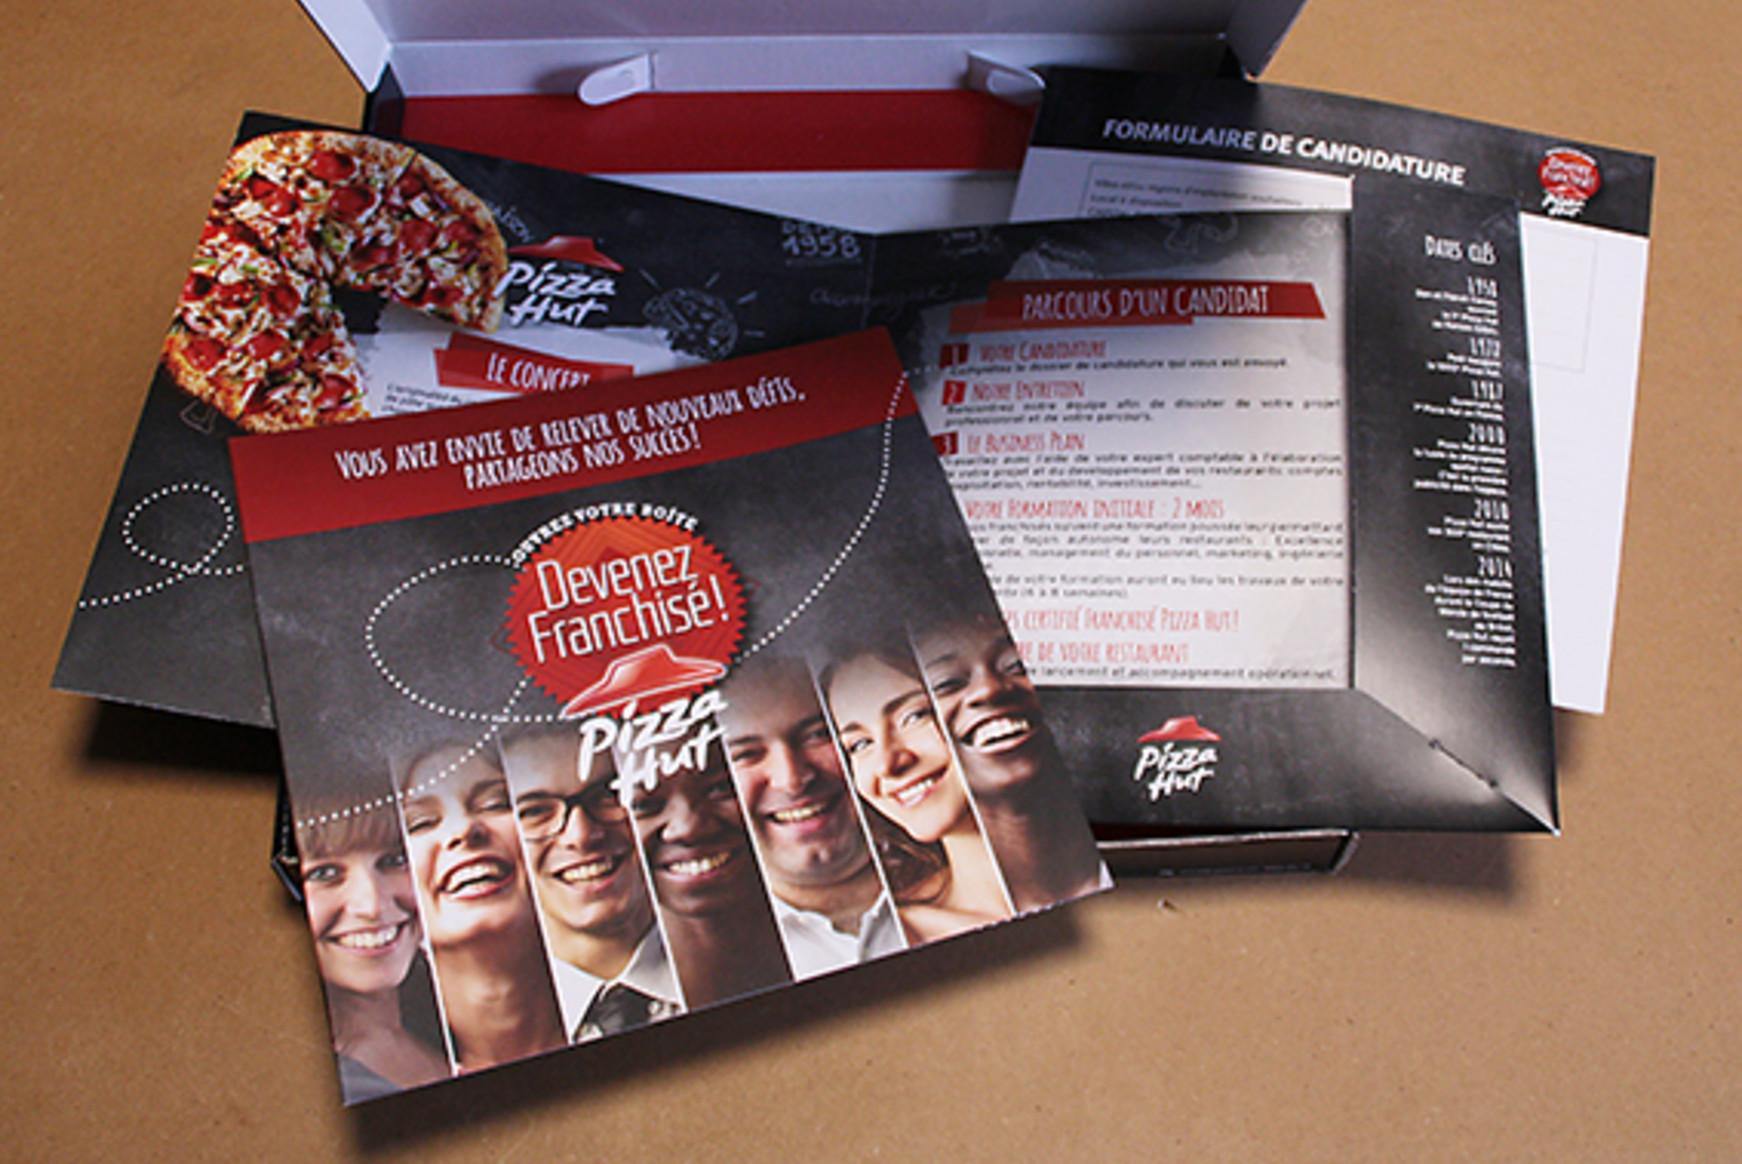 Réalisation des nouveaux outils de recrutement de franchisés pour Pizza Hut France by Pogo Partners